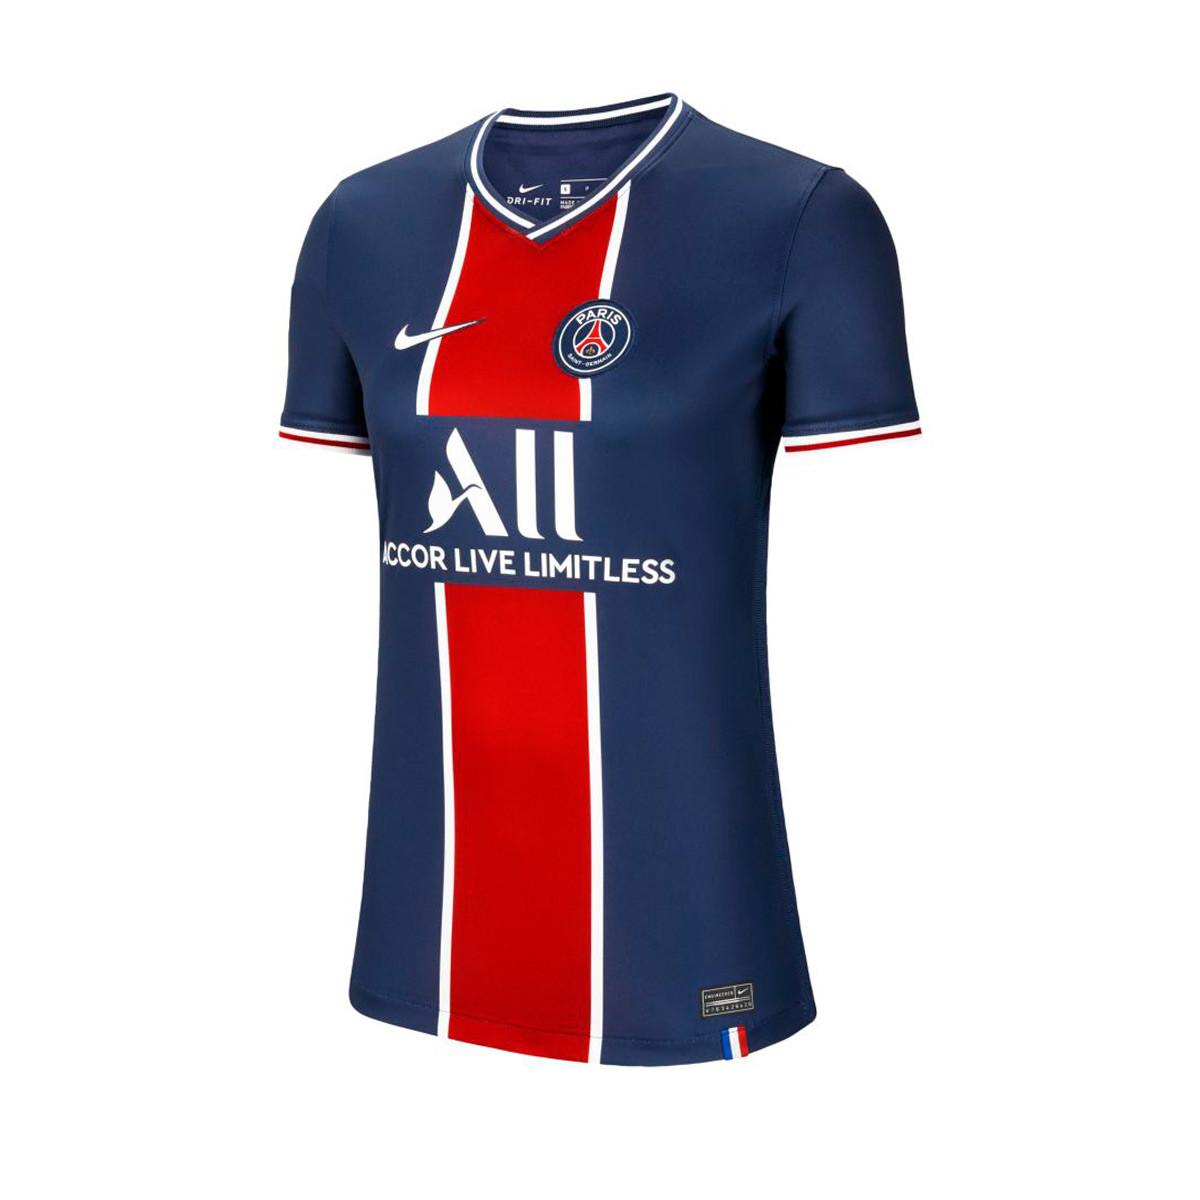 Jersey Nike Paris Saint Germain Stadium Primera Equipacion 2020 2021 Mujer Midnight Navy White Football Store Futbol Emotion